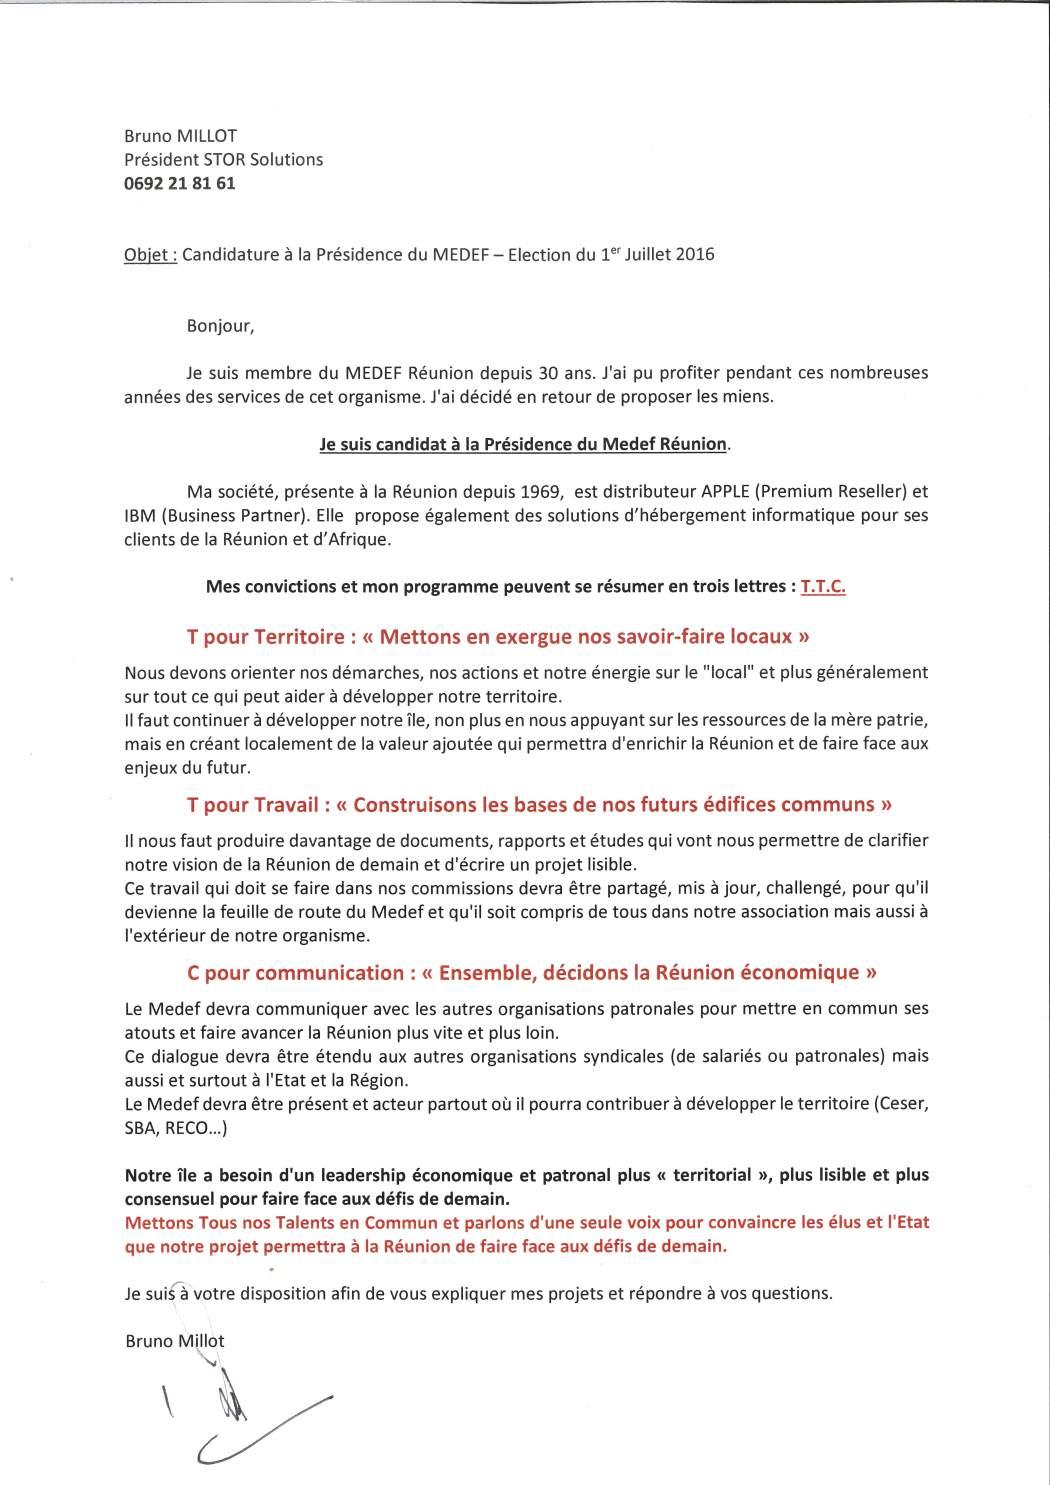 Lettre de candidatutre à la Présidence du MEDEF Réunion.jpg